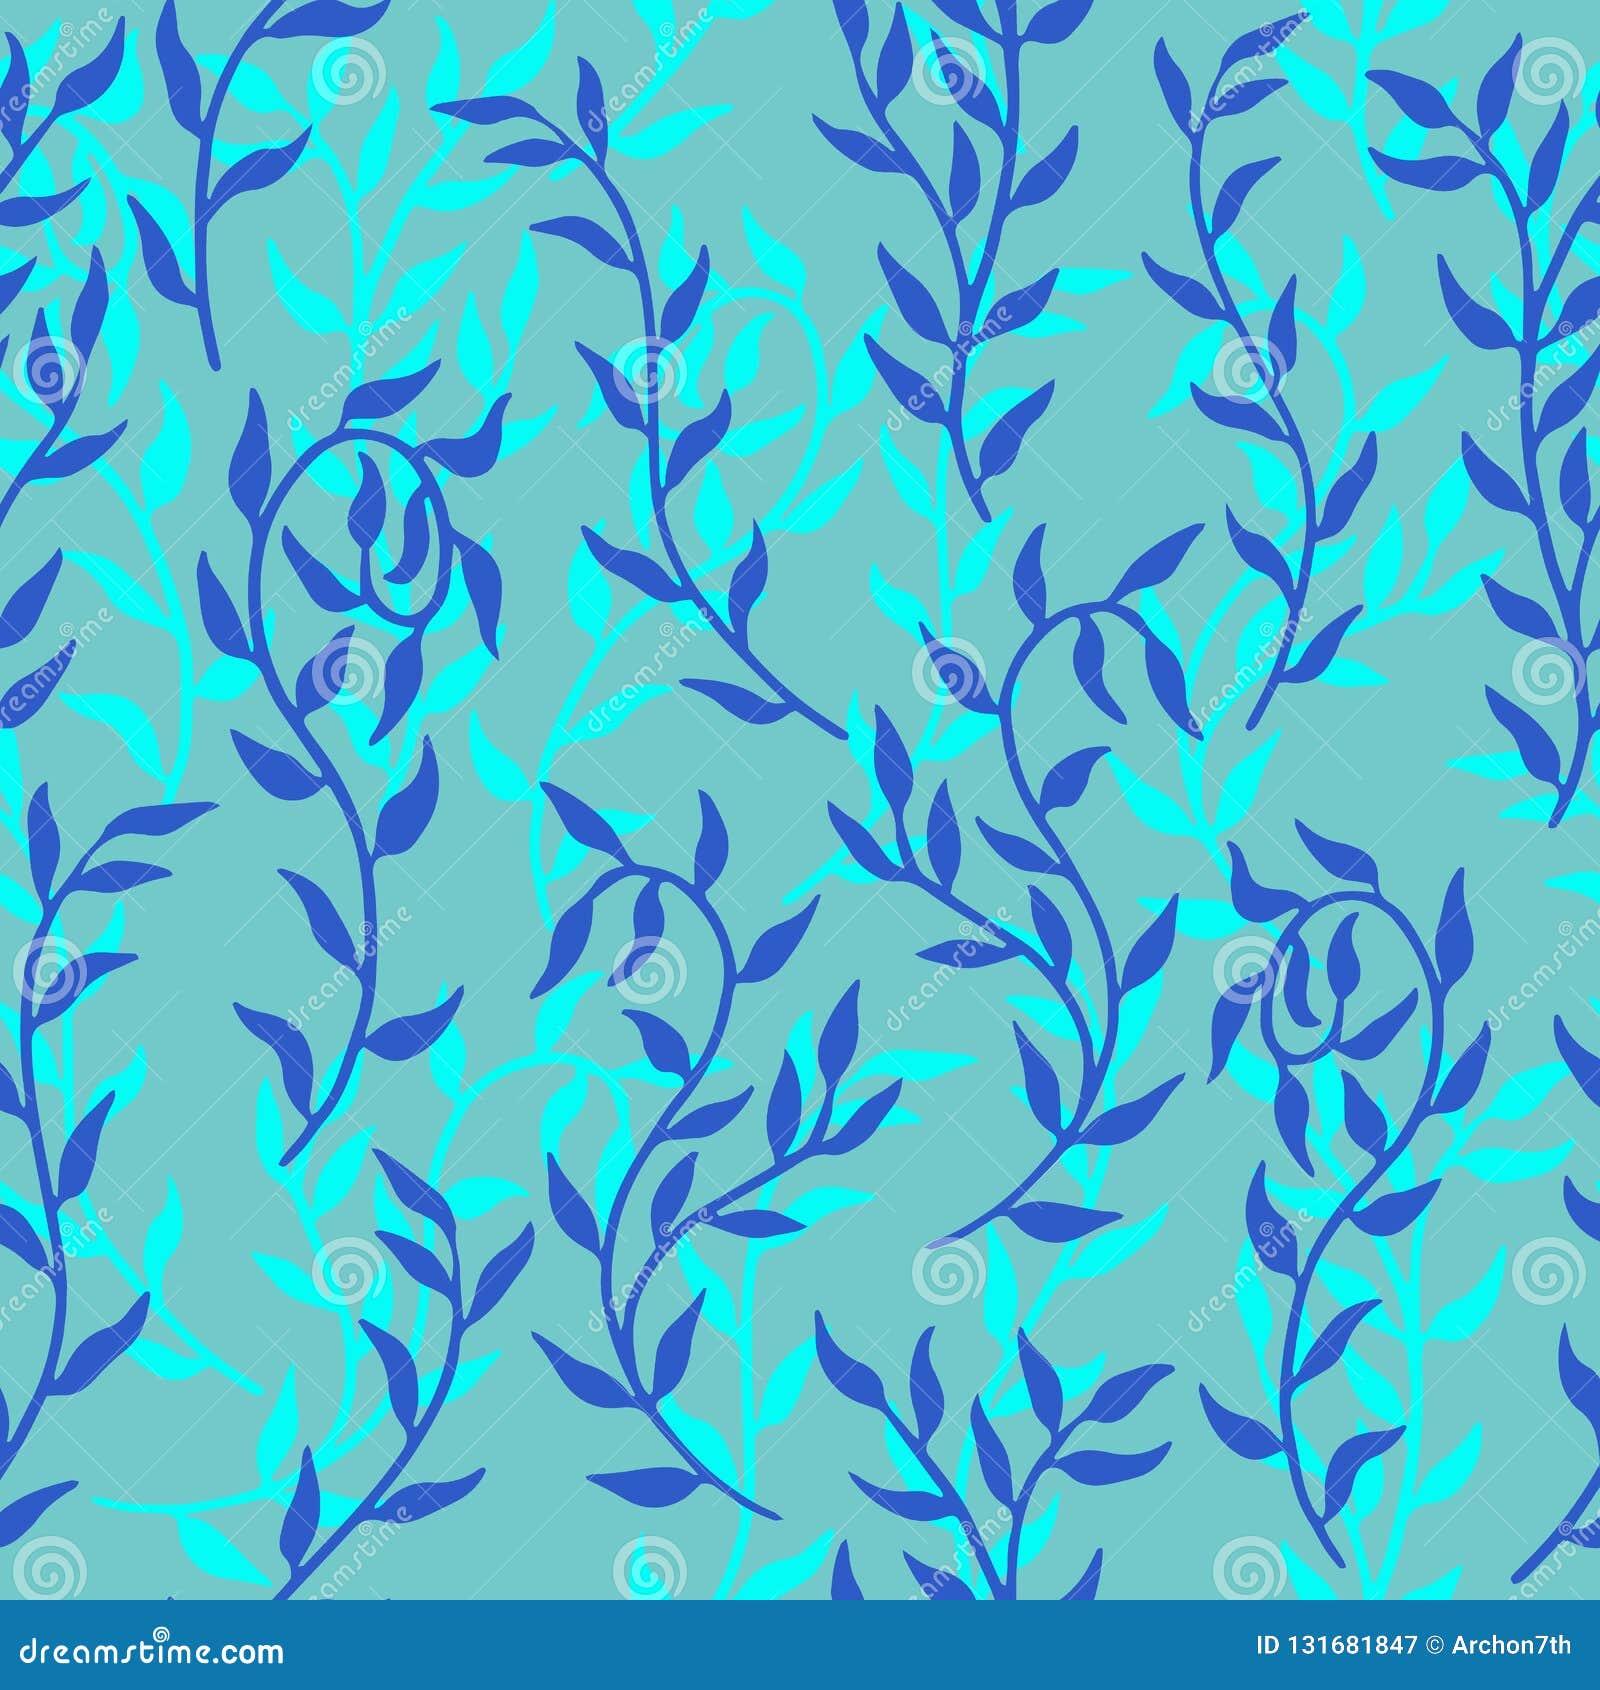 Liane verbreitet der blauen Muster-Hintergrundvektor Blattkriechpflanze des Aqua nahtlosen